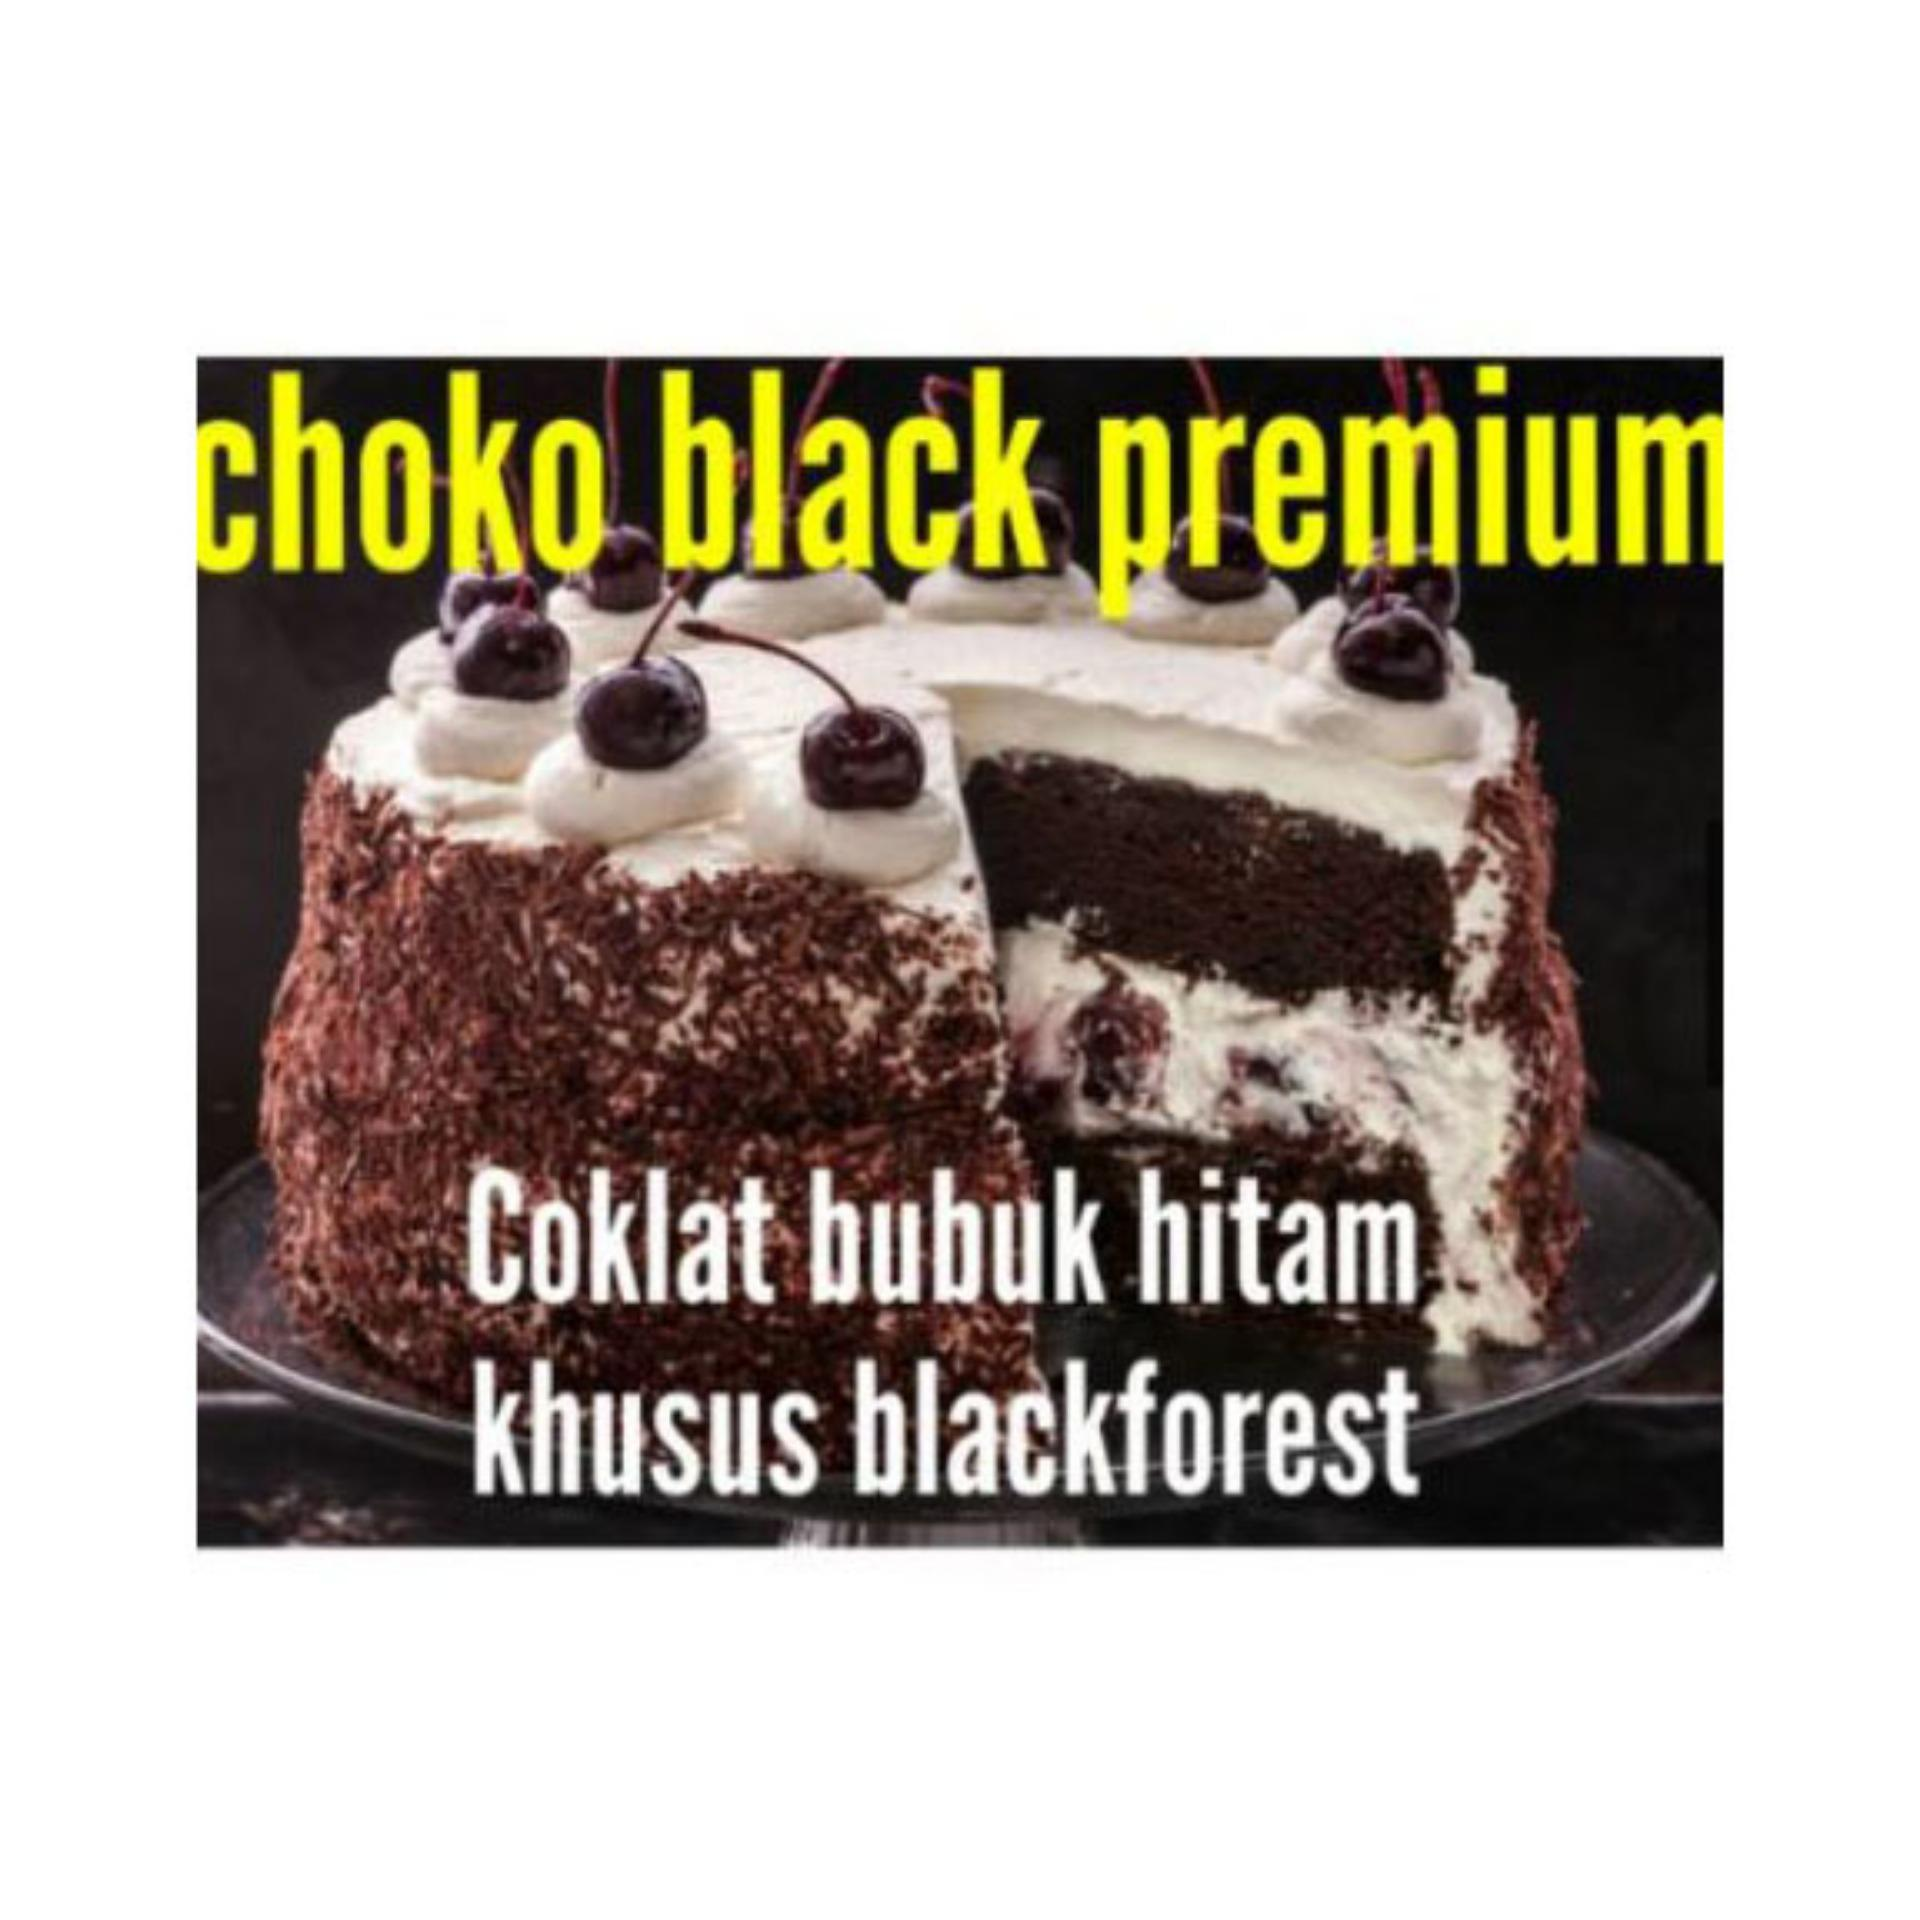 Beli sekarang HBT Schoko jet black premium 250gr terbaik murah - Hanya Rp22.320